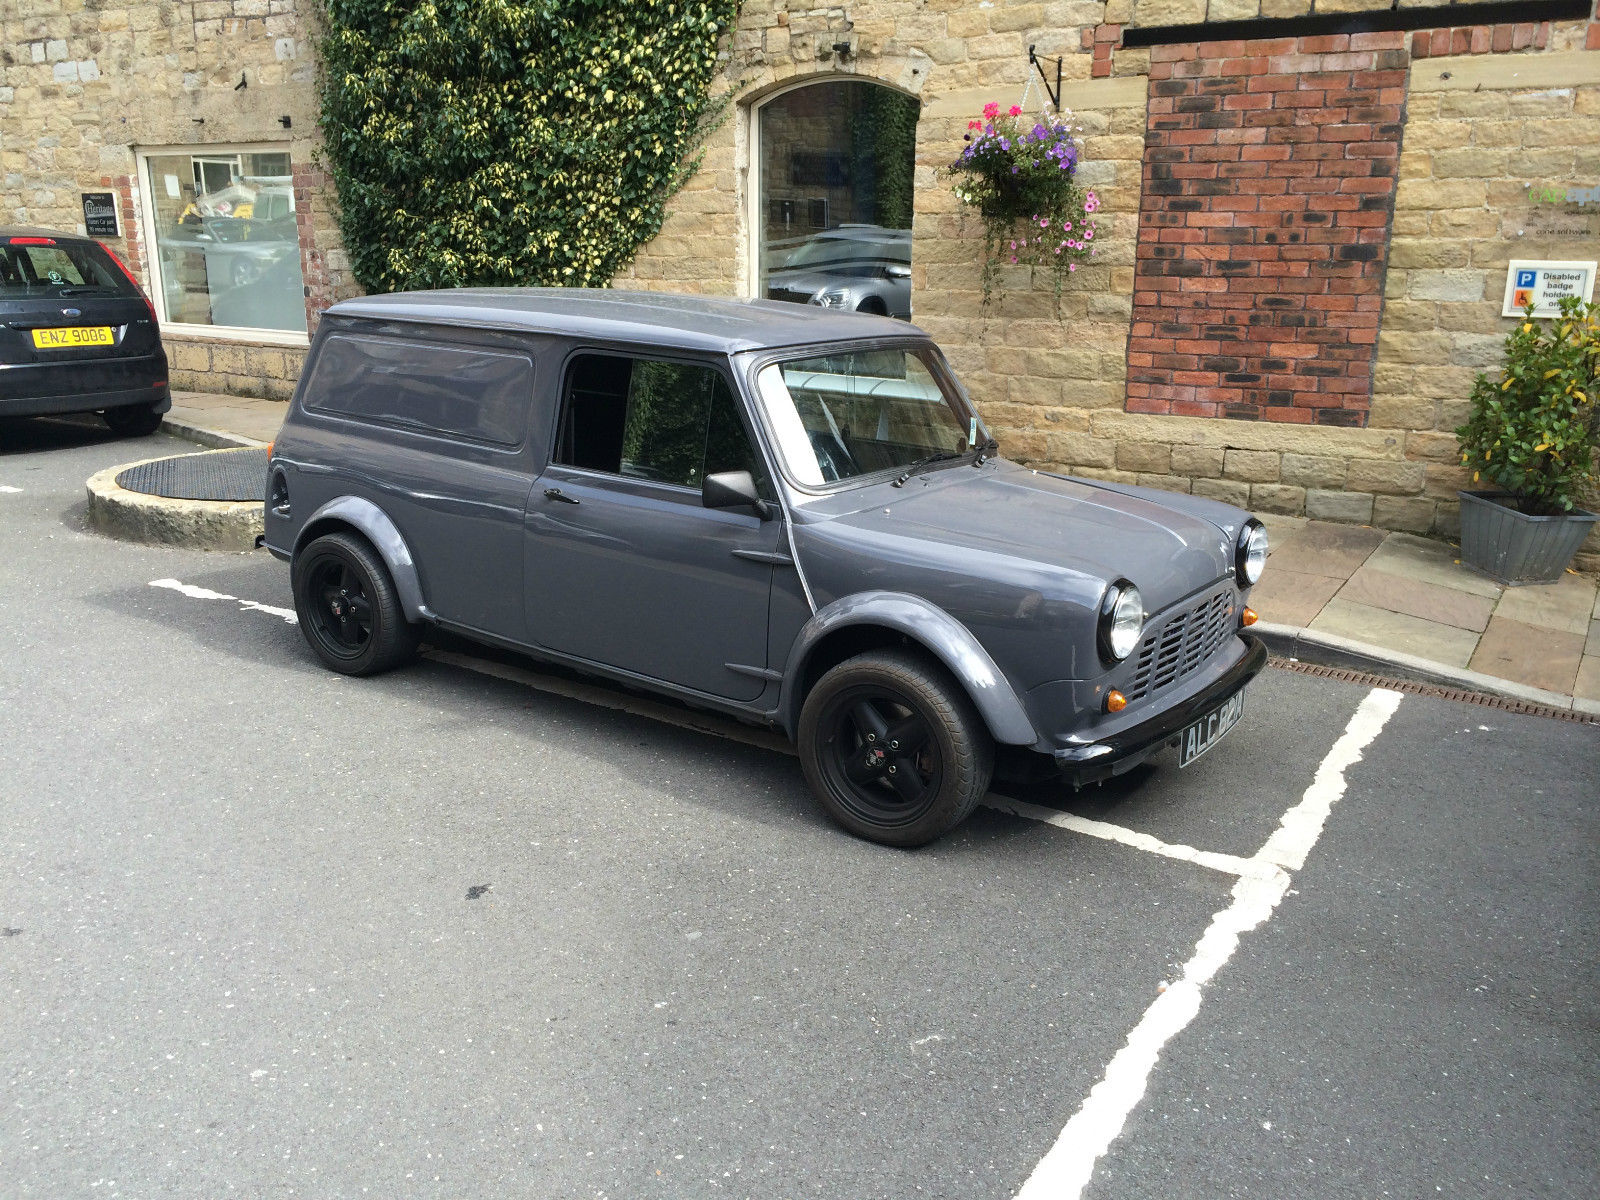 9729d7de7e Austin Morris Mini Van - 1963 - Full rebuild with a twist! 180Hp 1800cc  Twin cam